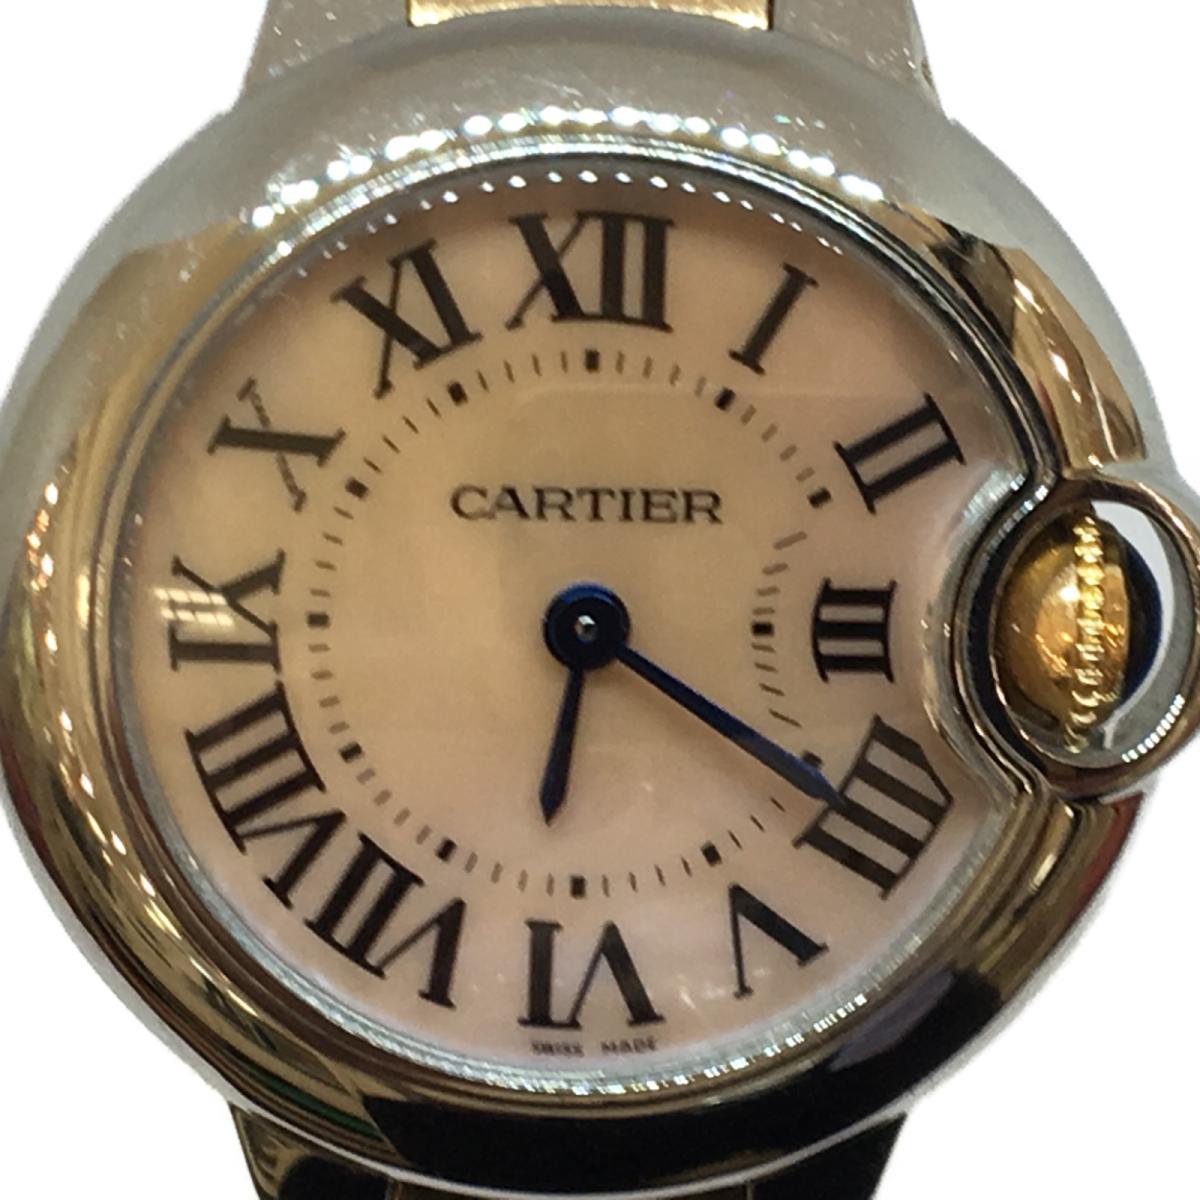 【在庫処分】 【】カルティエ バロンブルー レディース腕時計 ウォッチ 時計 レディース ステンレススチール (SS) × K18PG (750) ピンクゴールド (W6920034) | Cartier BRANDOFF ブランドオフ ブランド ブランド時計 ブランド腕時計 腕時計, 湯河原町 102433eb